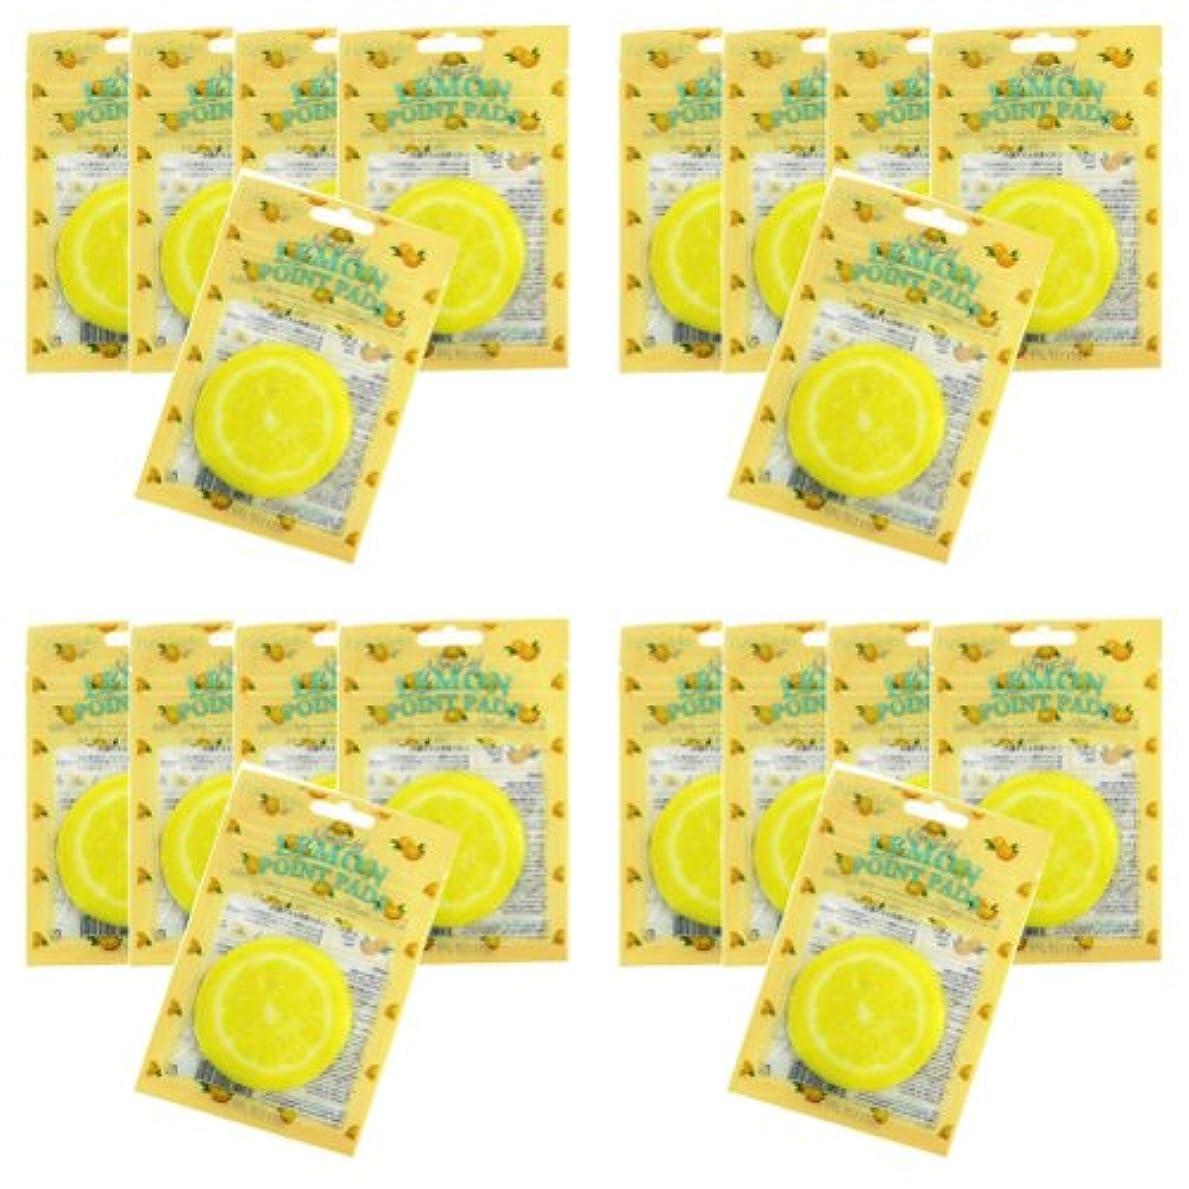 挨拶する活気づける劇的ピュアスマイル ジューシーポイントパッド レモン20パックセット(1パック10枚入 合計200枚)